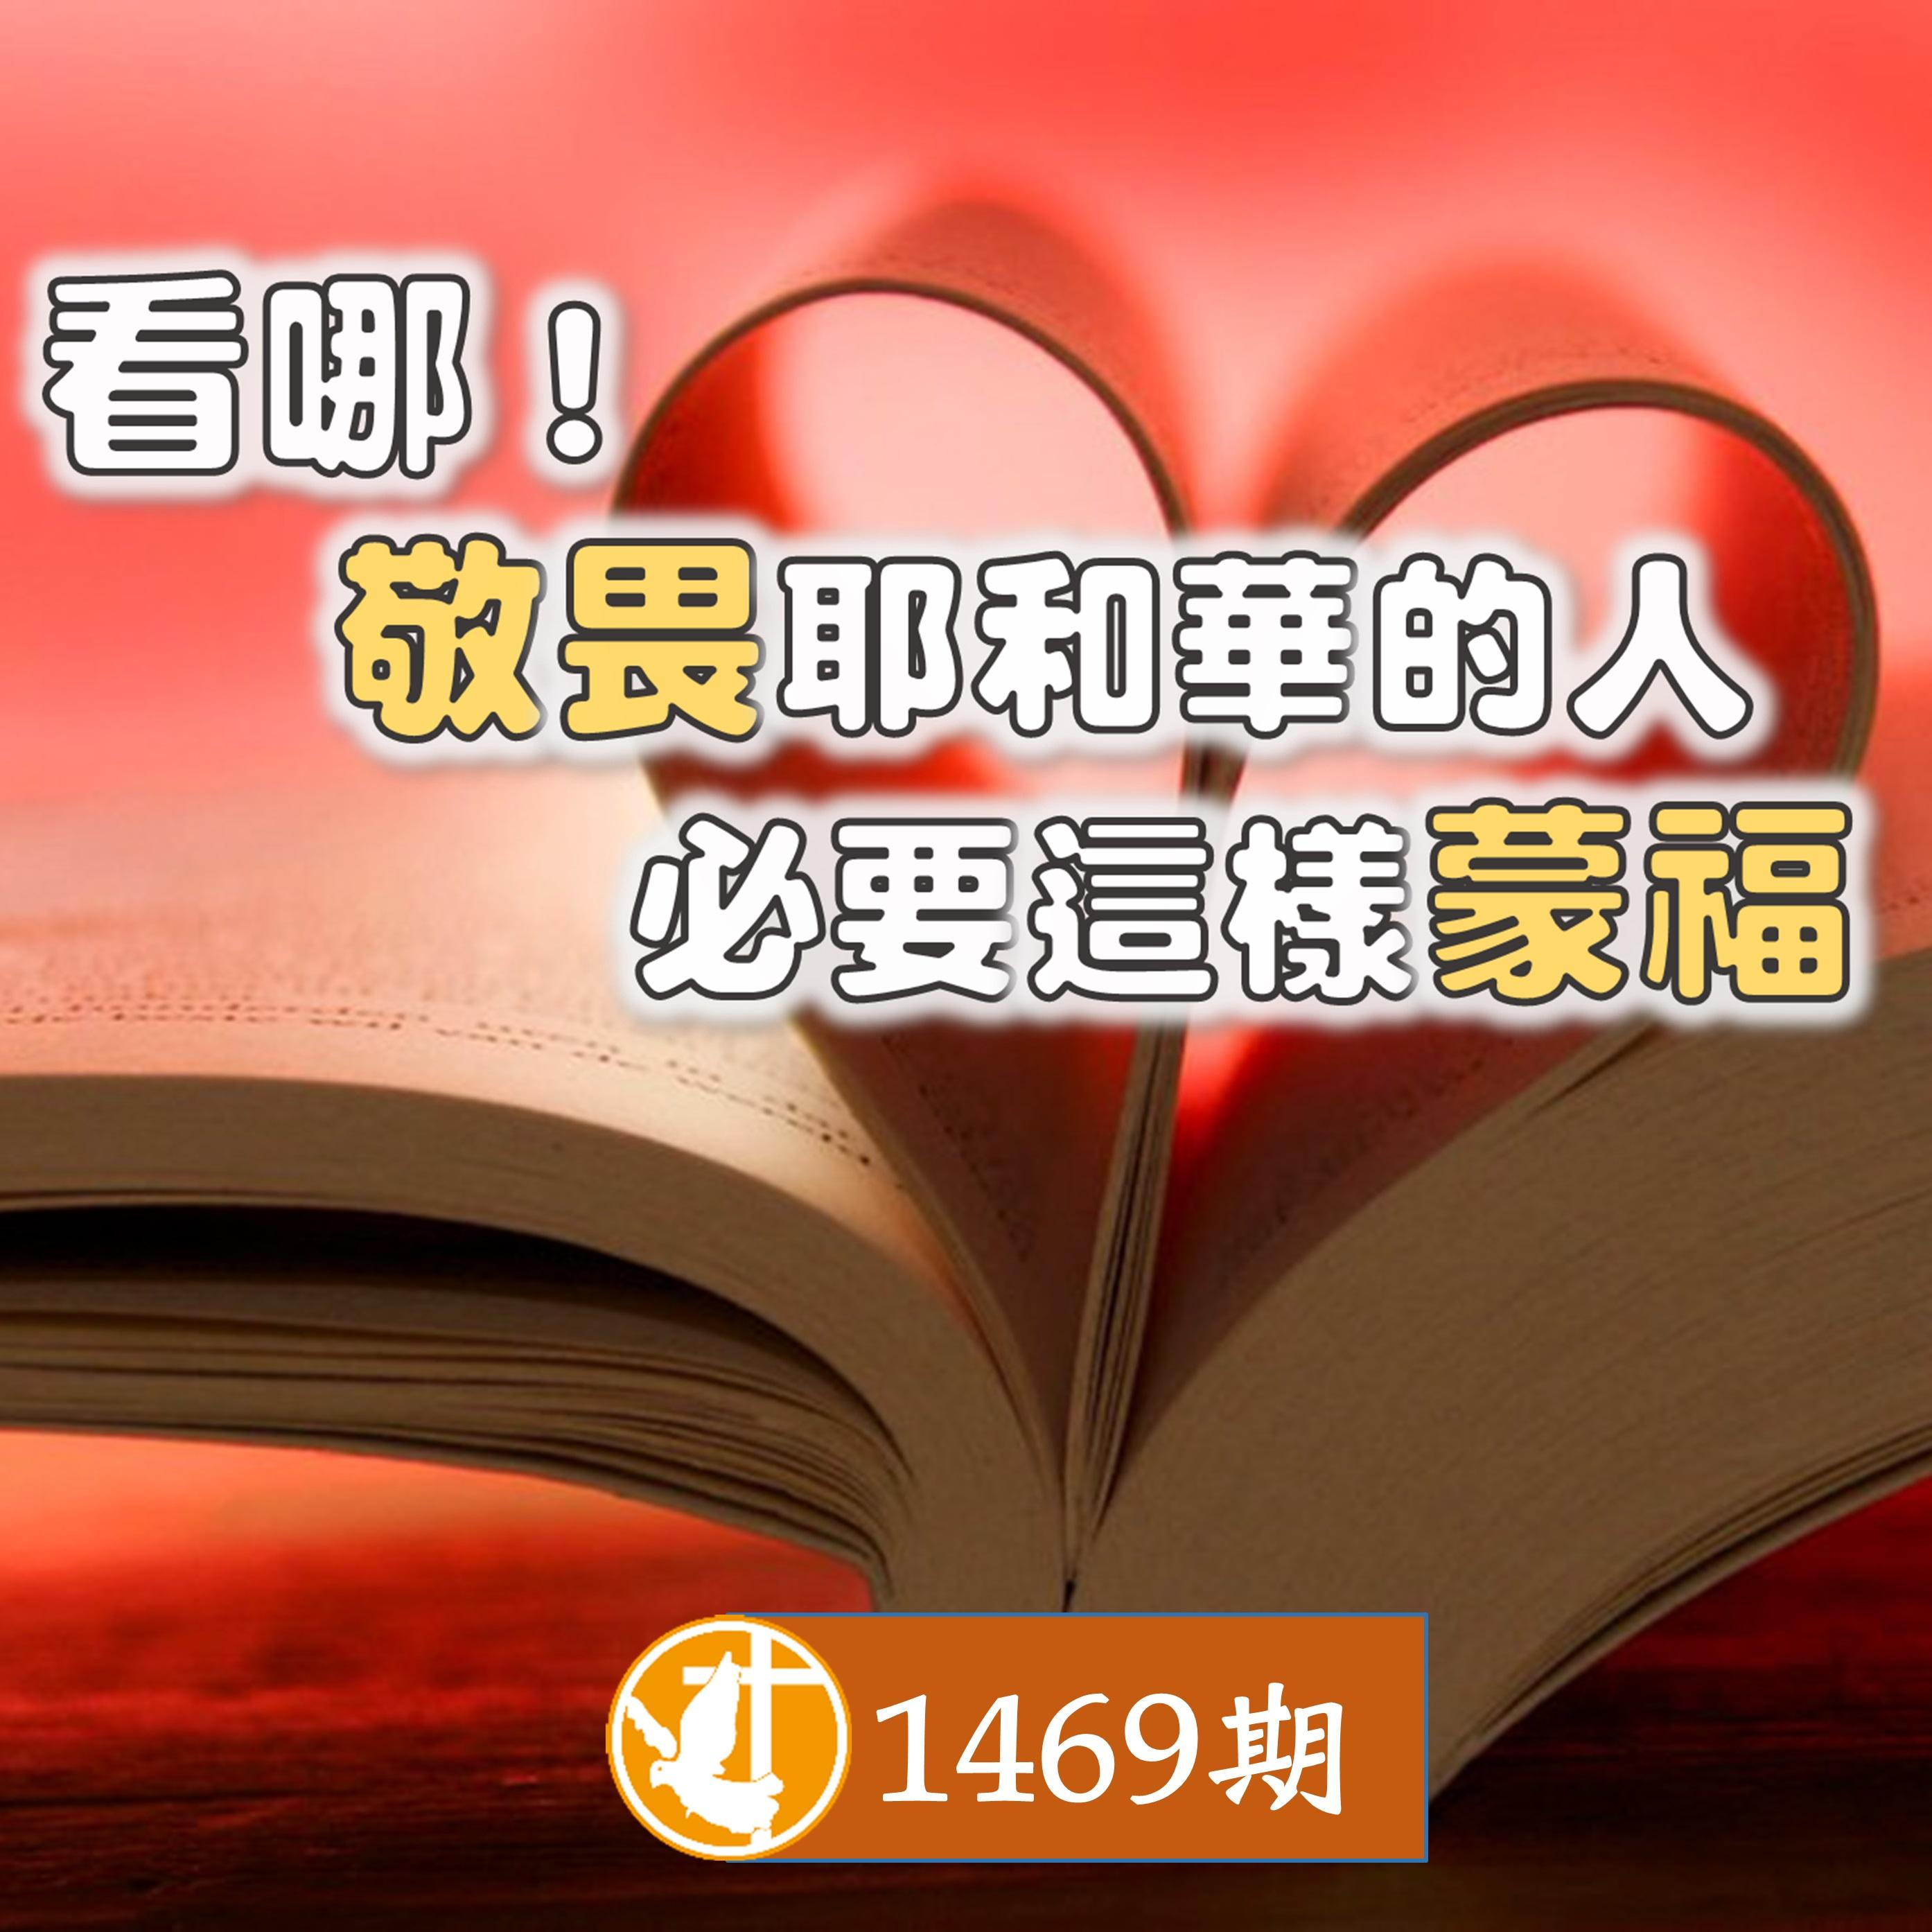 1469-1期 看哪!敬畏耶和華的人必要這樣蒙福~part.1